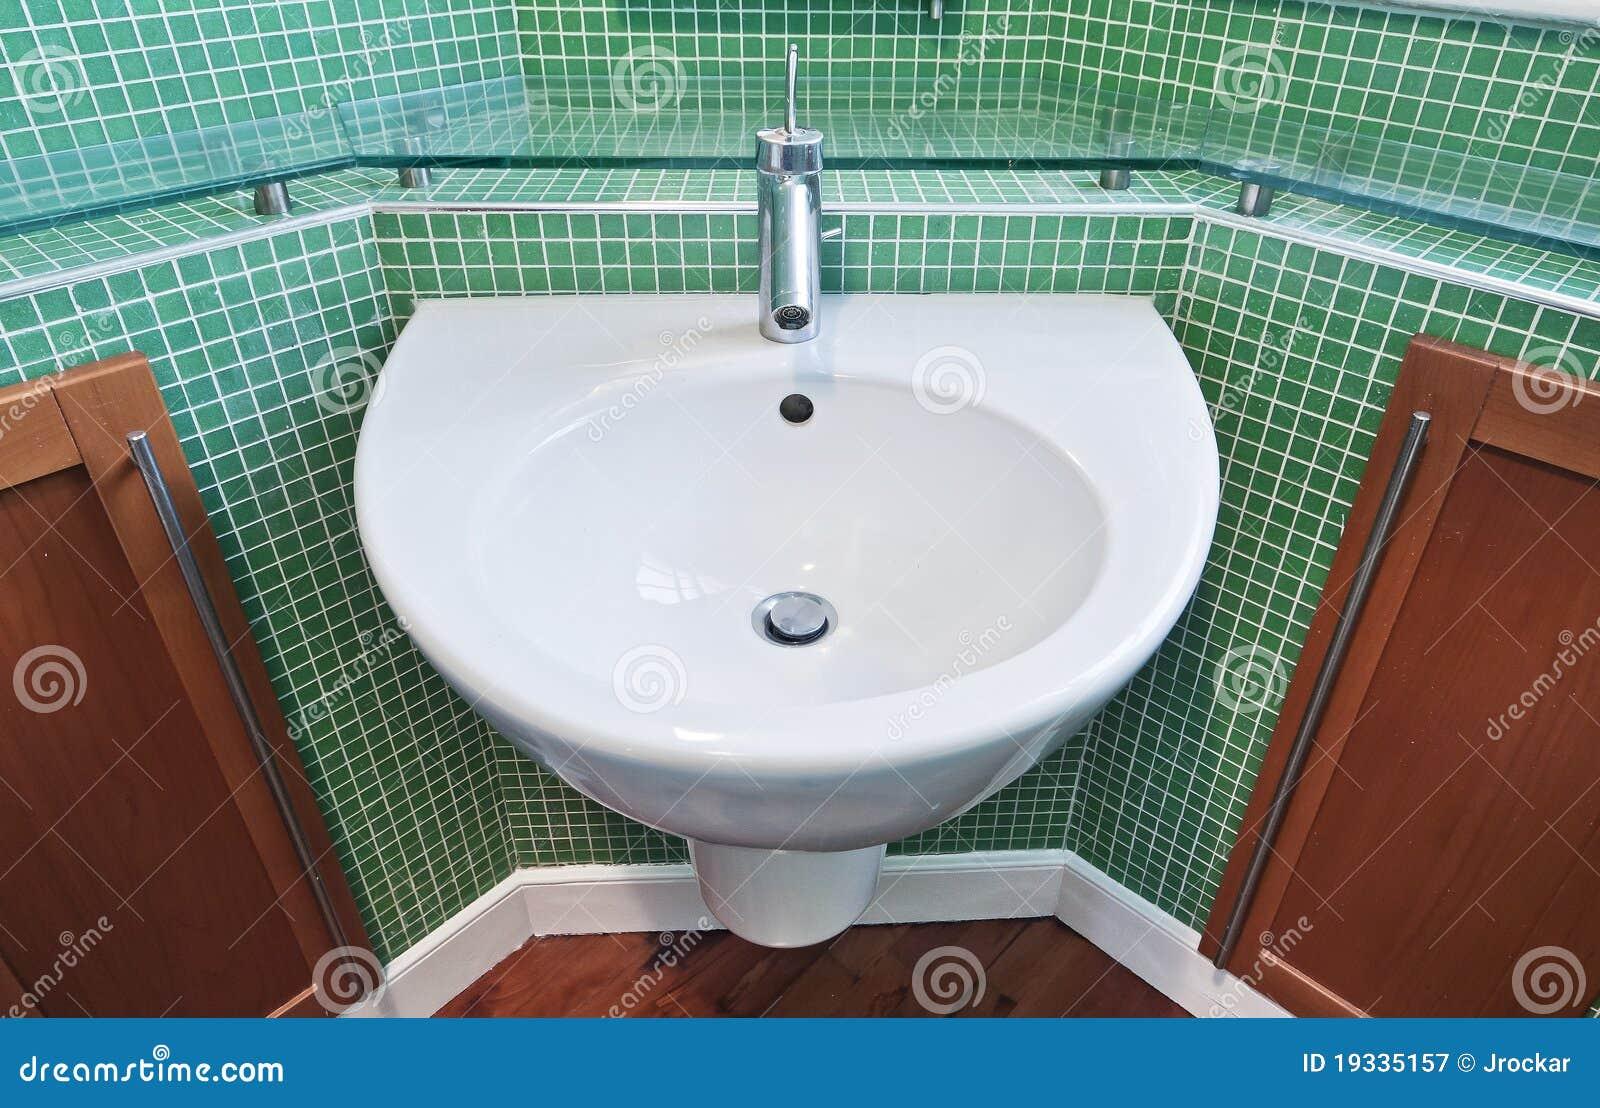 Stanza Da Bagno Con Le Mattonelle Di Mosaico Verdi